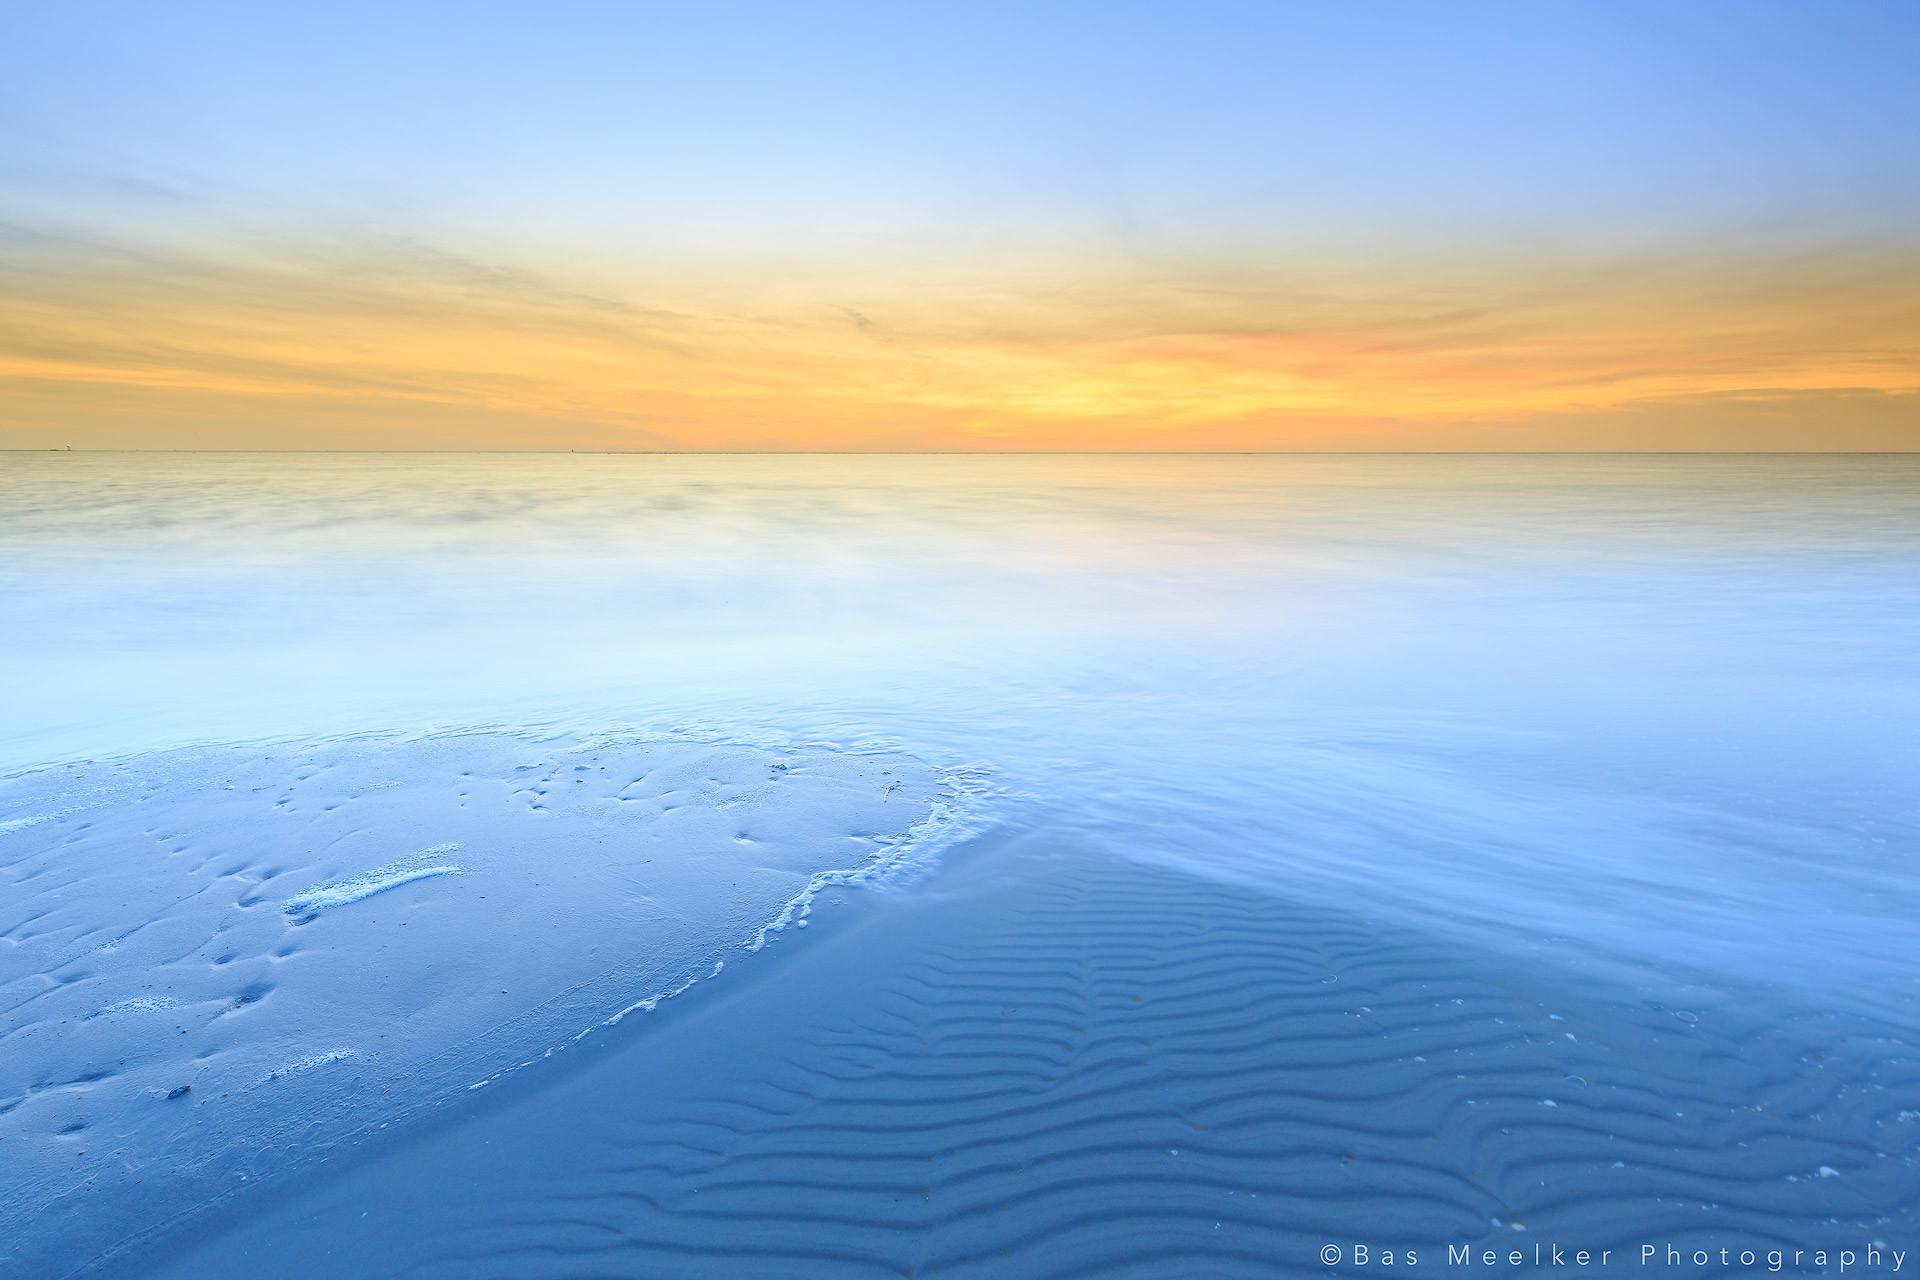 Landschapsfoto Seascape Bas Meelker